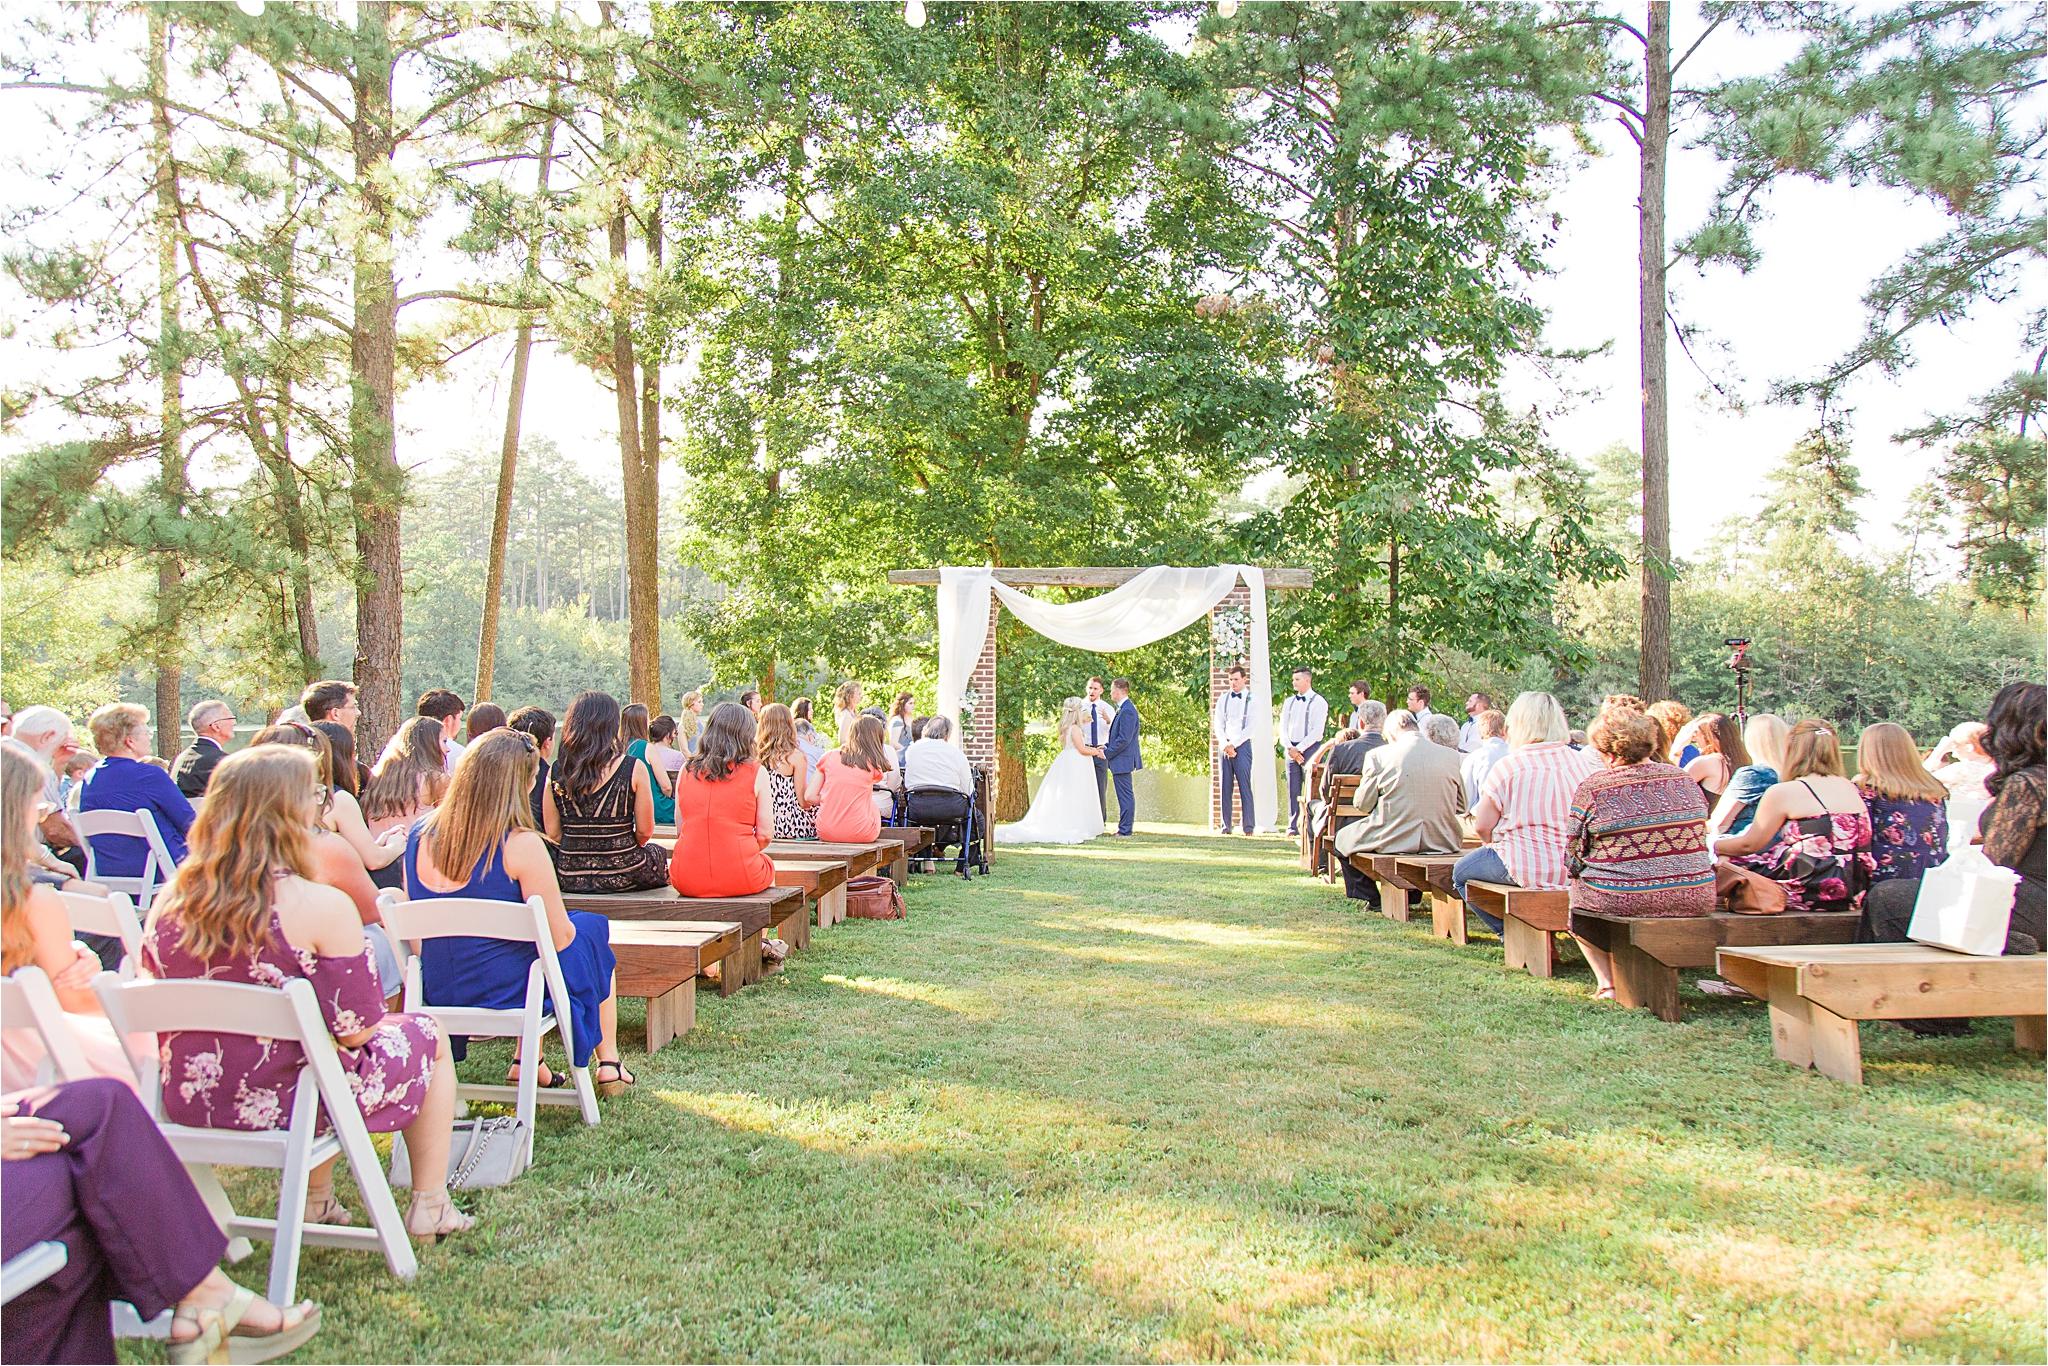 Rasberry Greene Wedding in Soso, Mississippi | Sarah + Brett